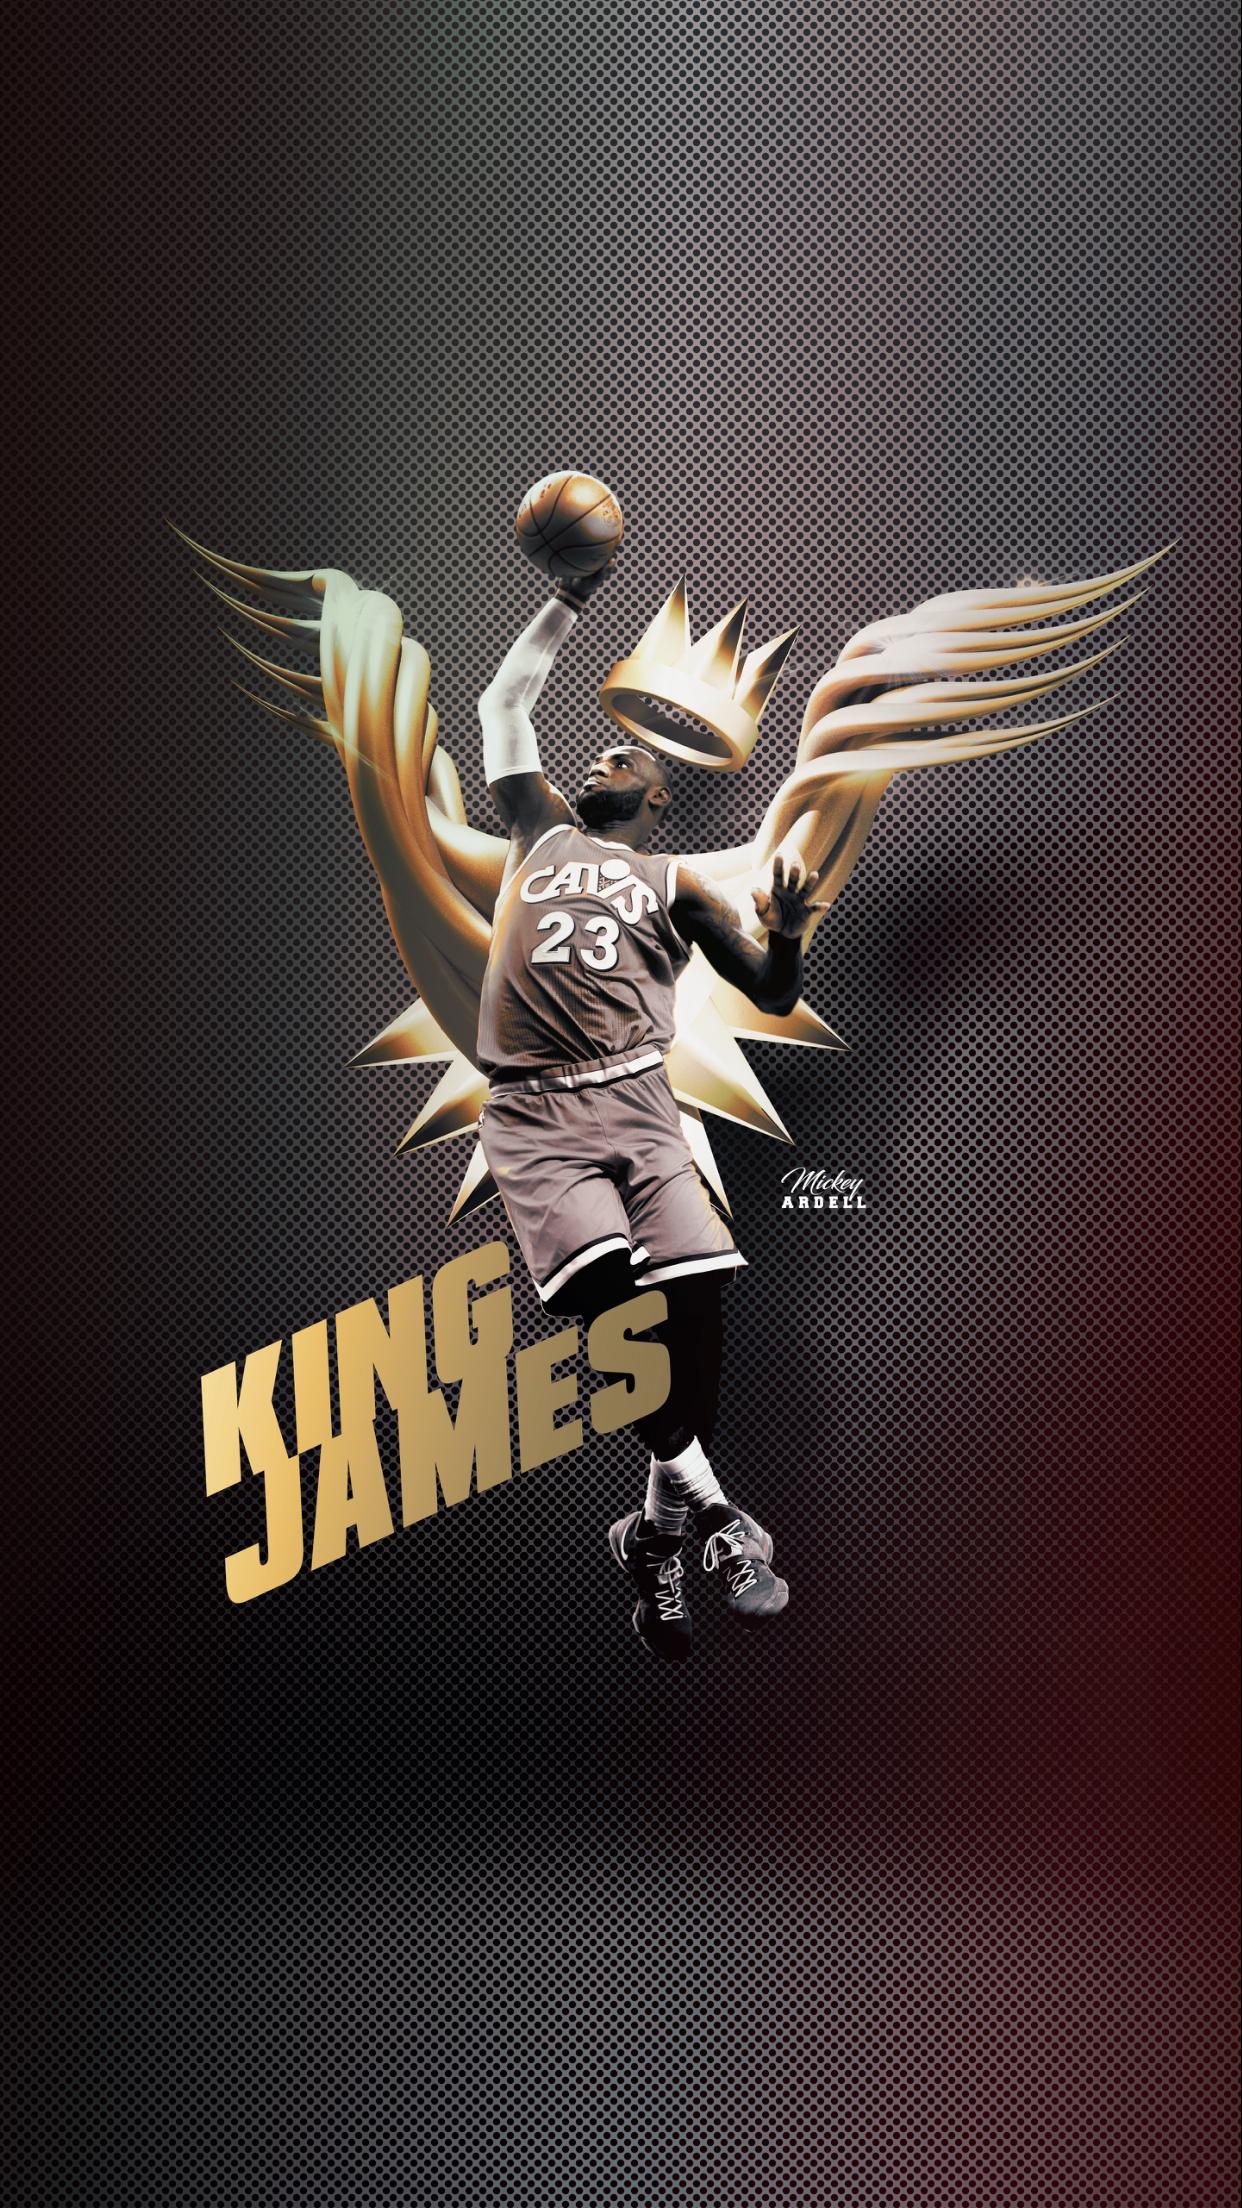 Di did lebron james become famous - King Lebron James Nba Art Wmcskills